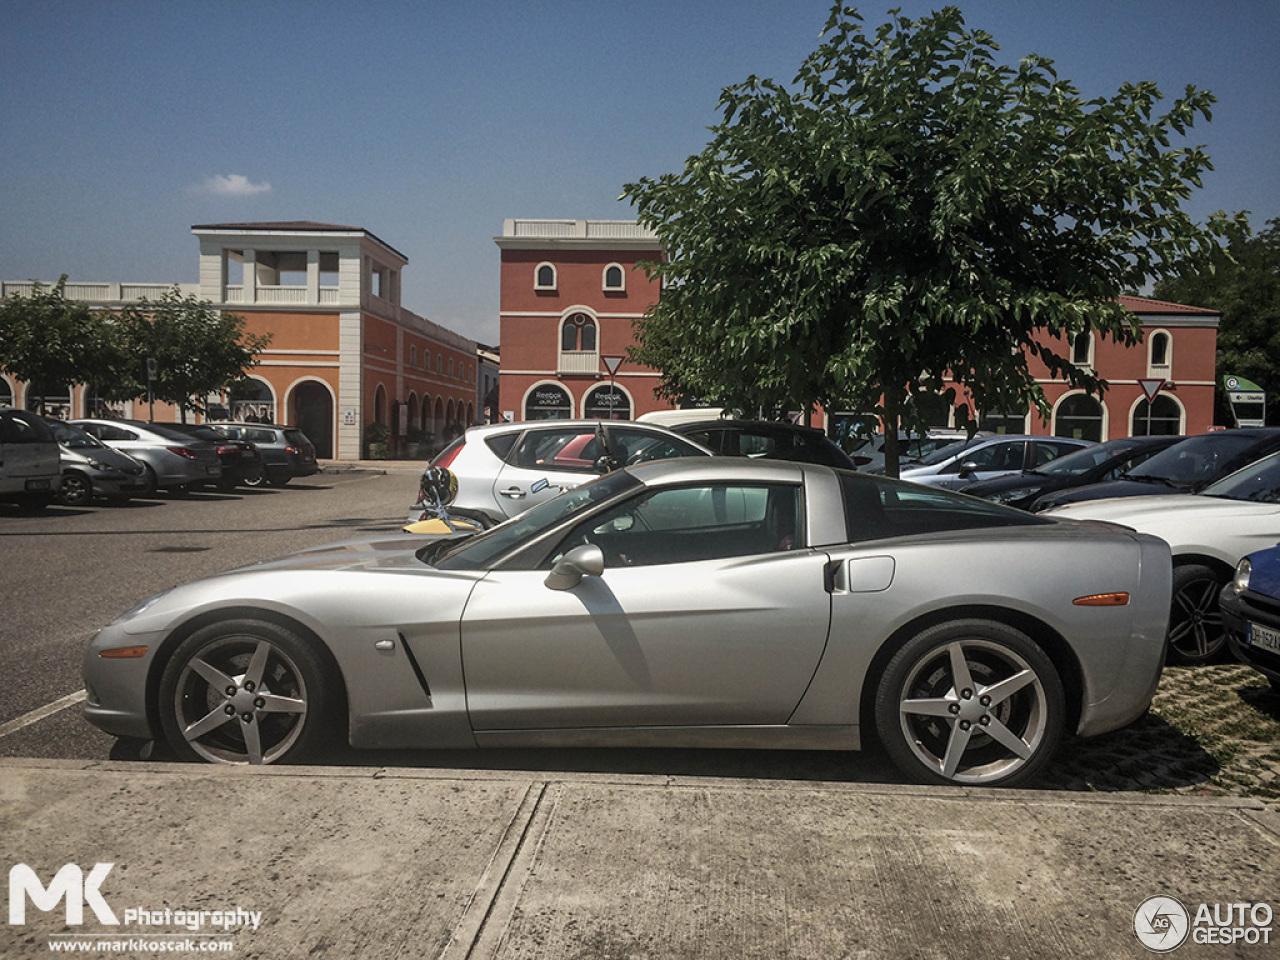 Chevrolet Corvette C6 4